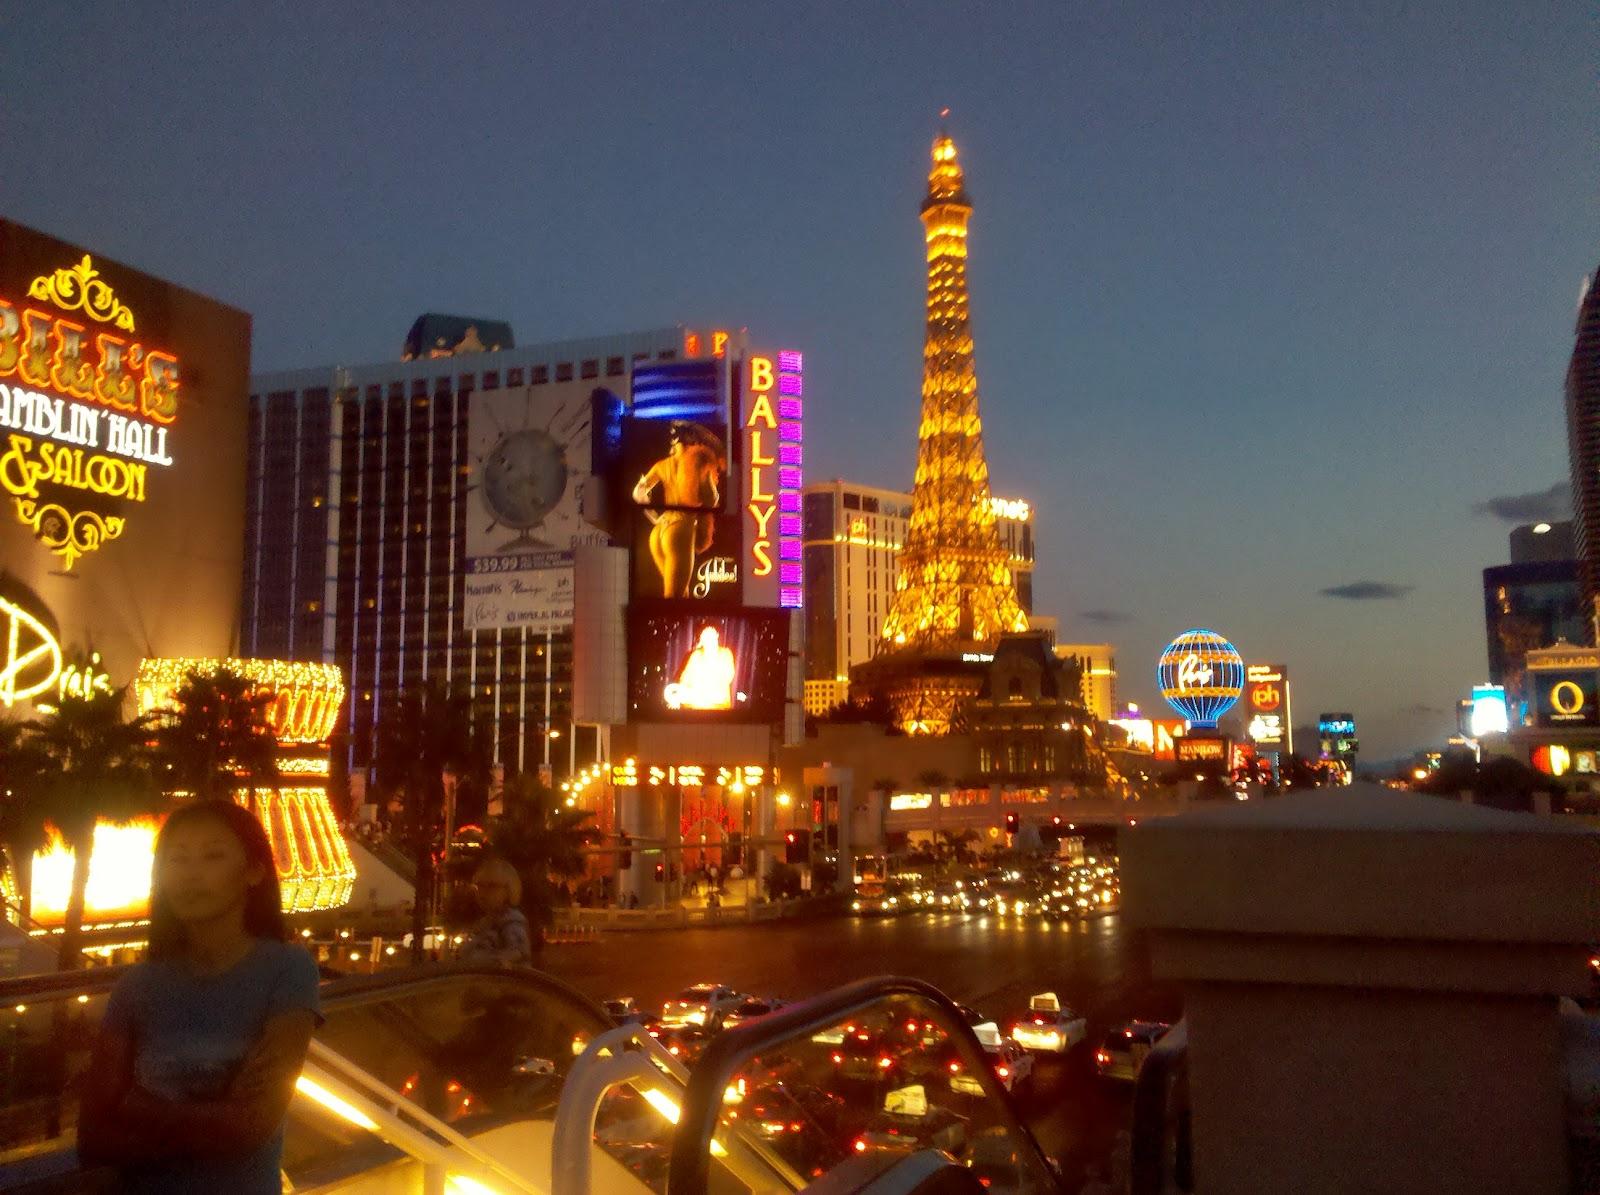 Ampnb ampnbsp ampnbsp casino investing travel addicted to slot machines